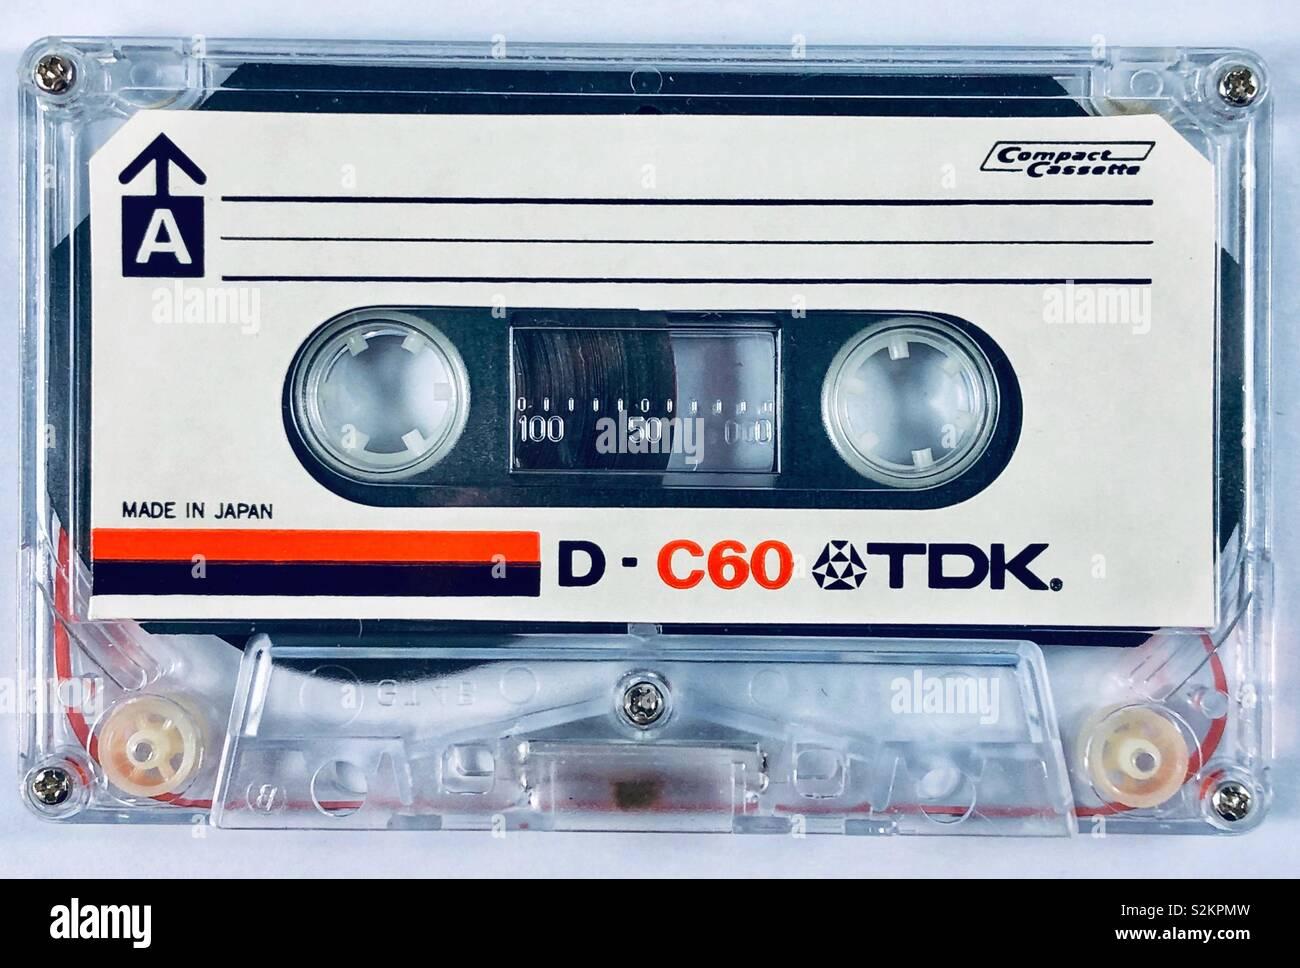 TDK D-C60 true mechanism clear case audio compact cassette. - Stock Image